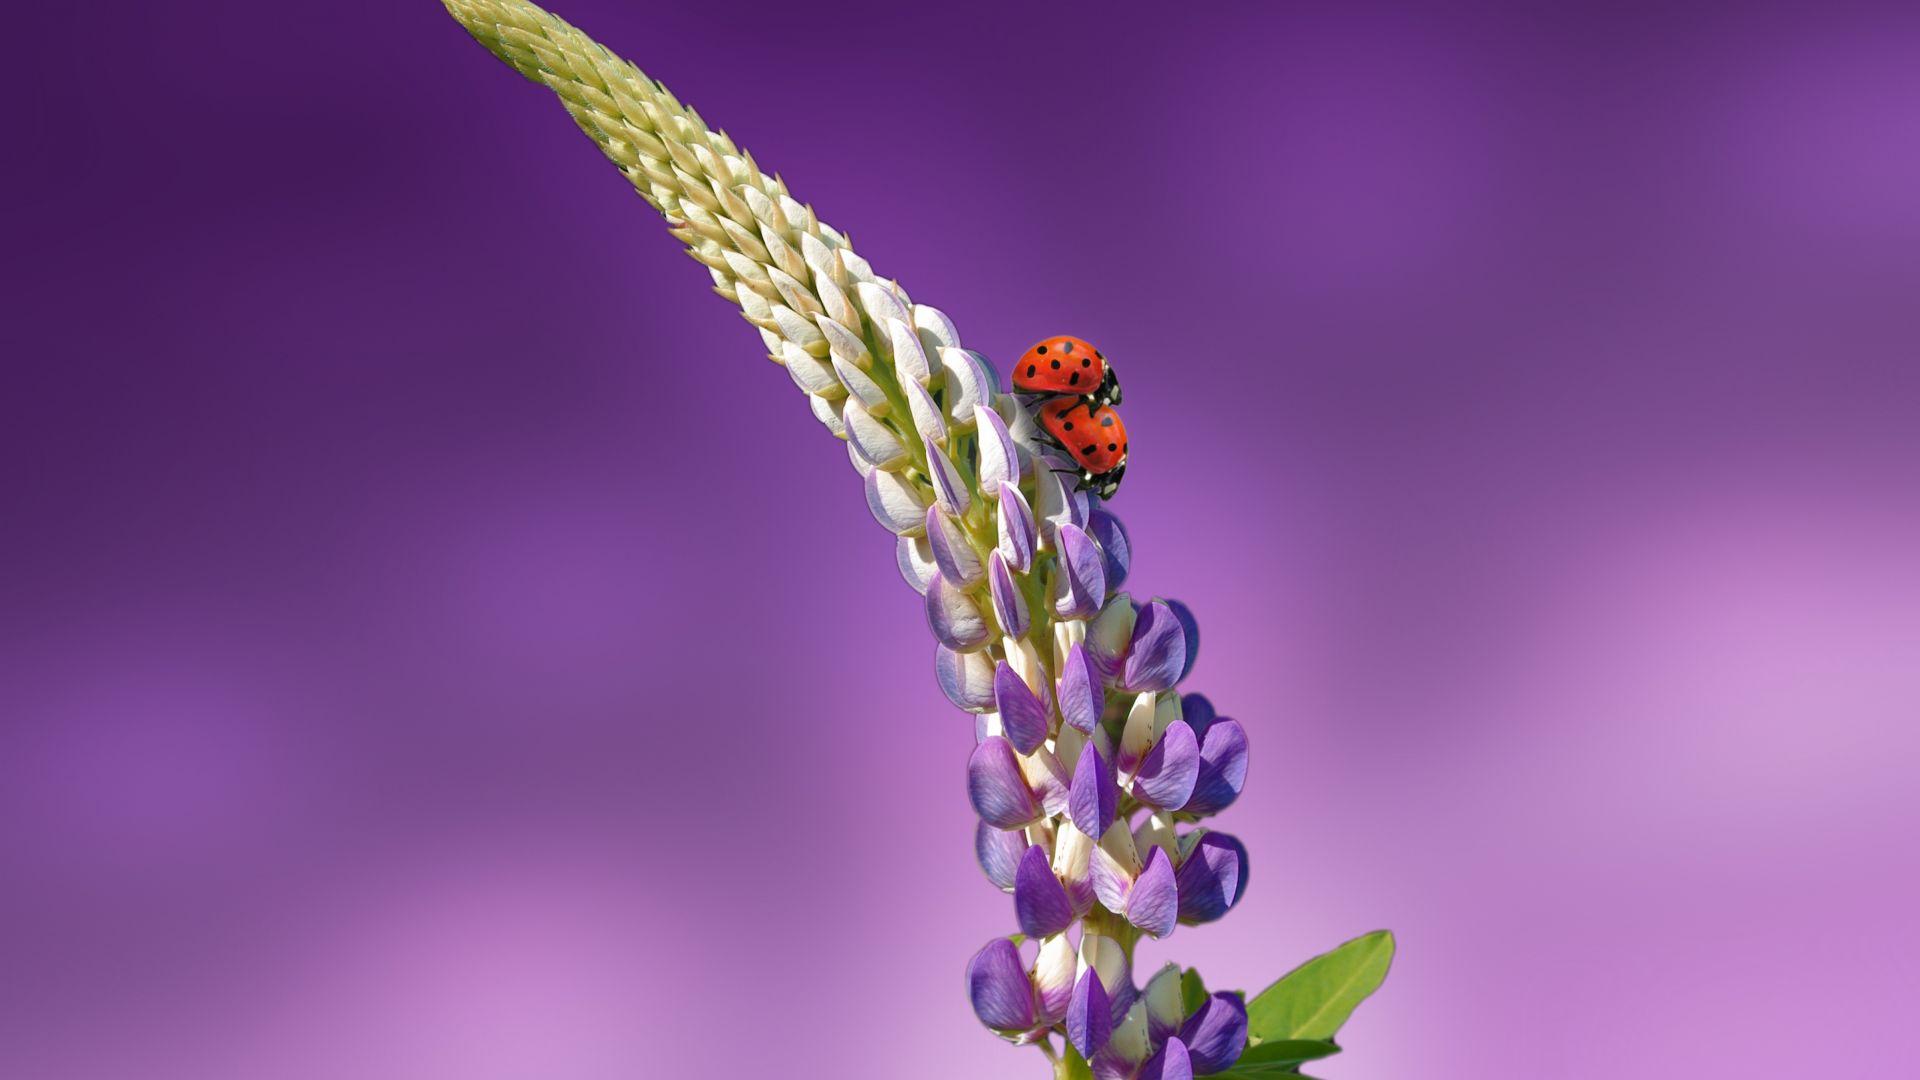 Wallpaper ladybird 5k 4k wallpaper 8k flowers summer for Wallpaper home 5k